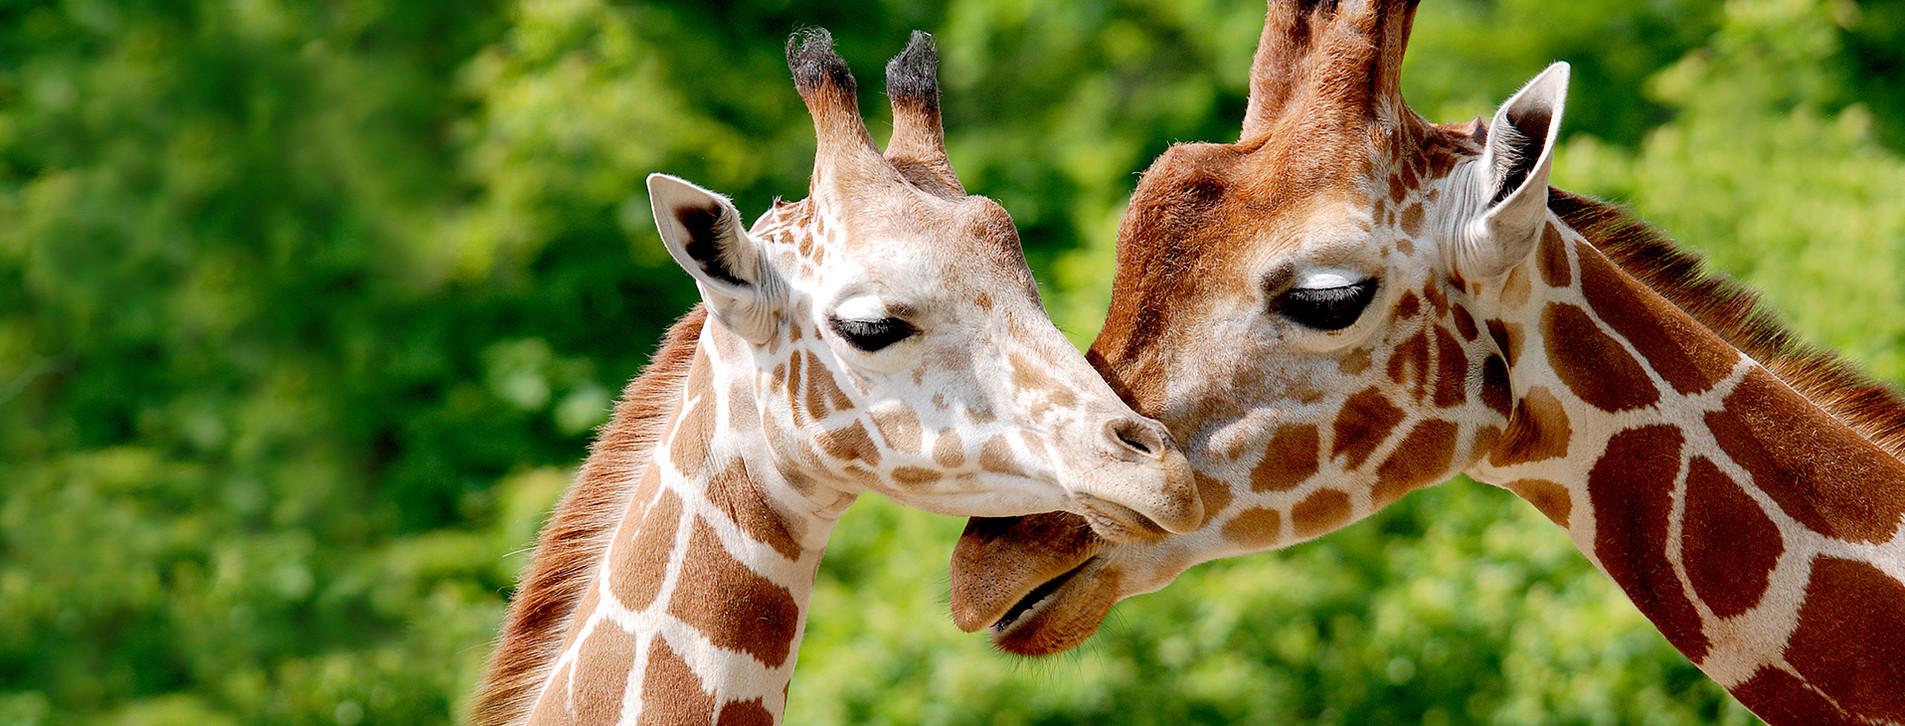 Фото 1 - Зоопарк «12 месяцев» для компании